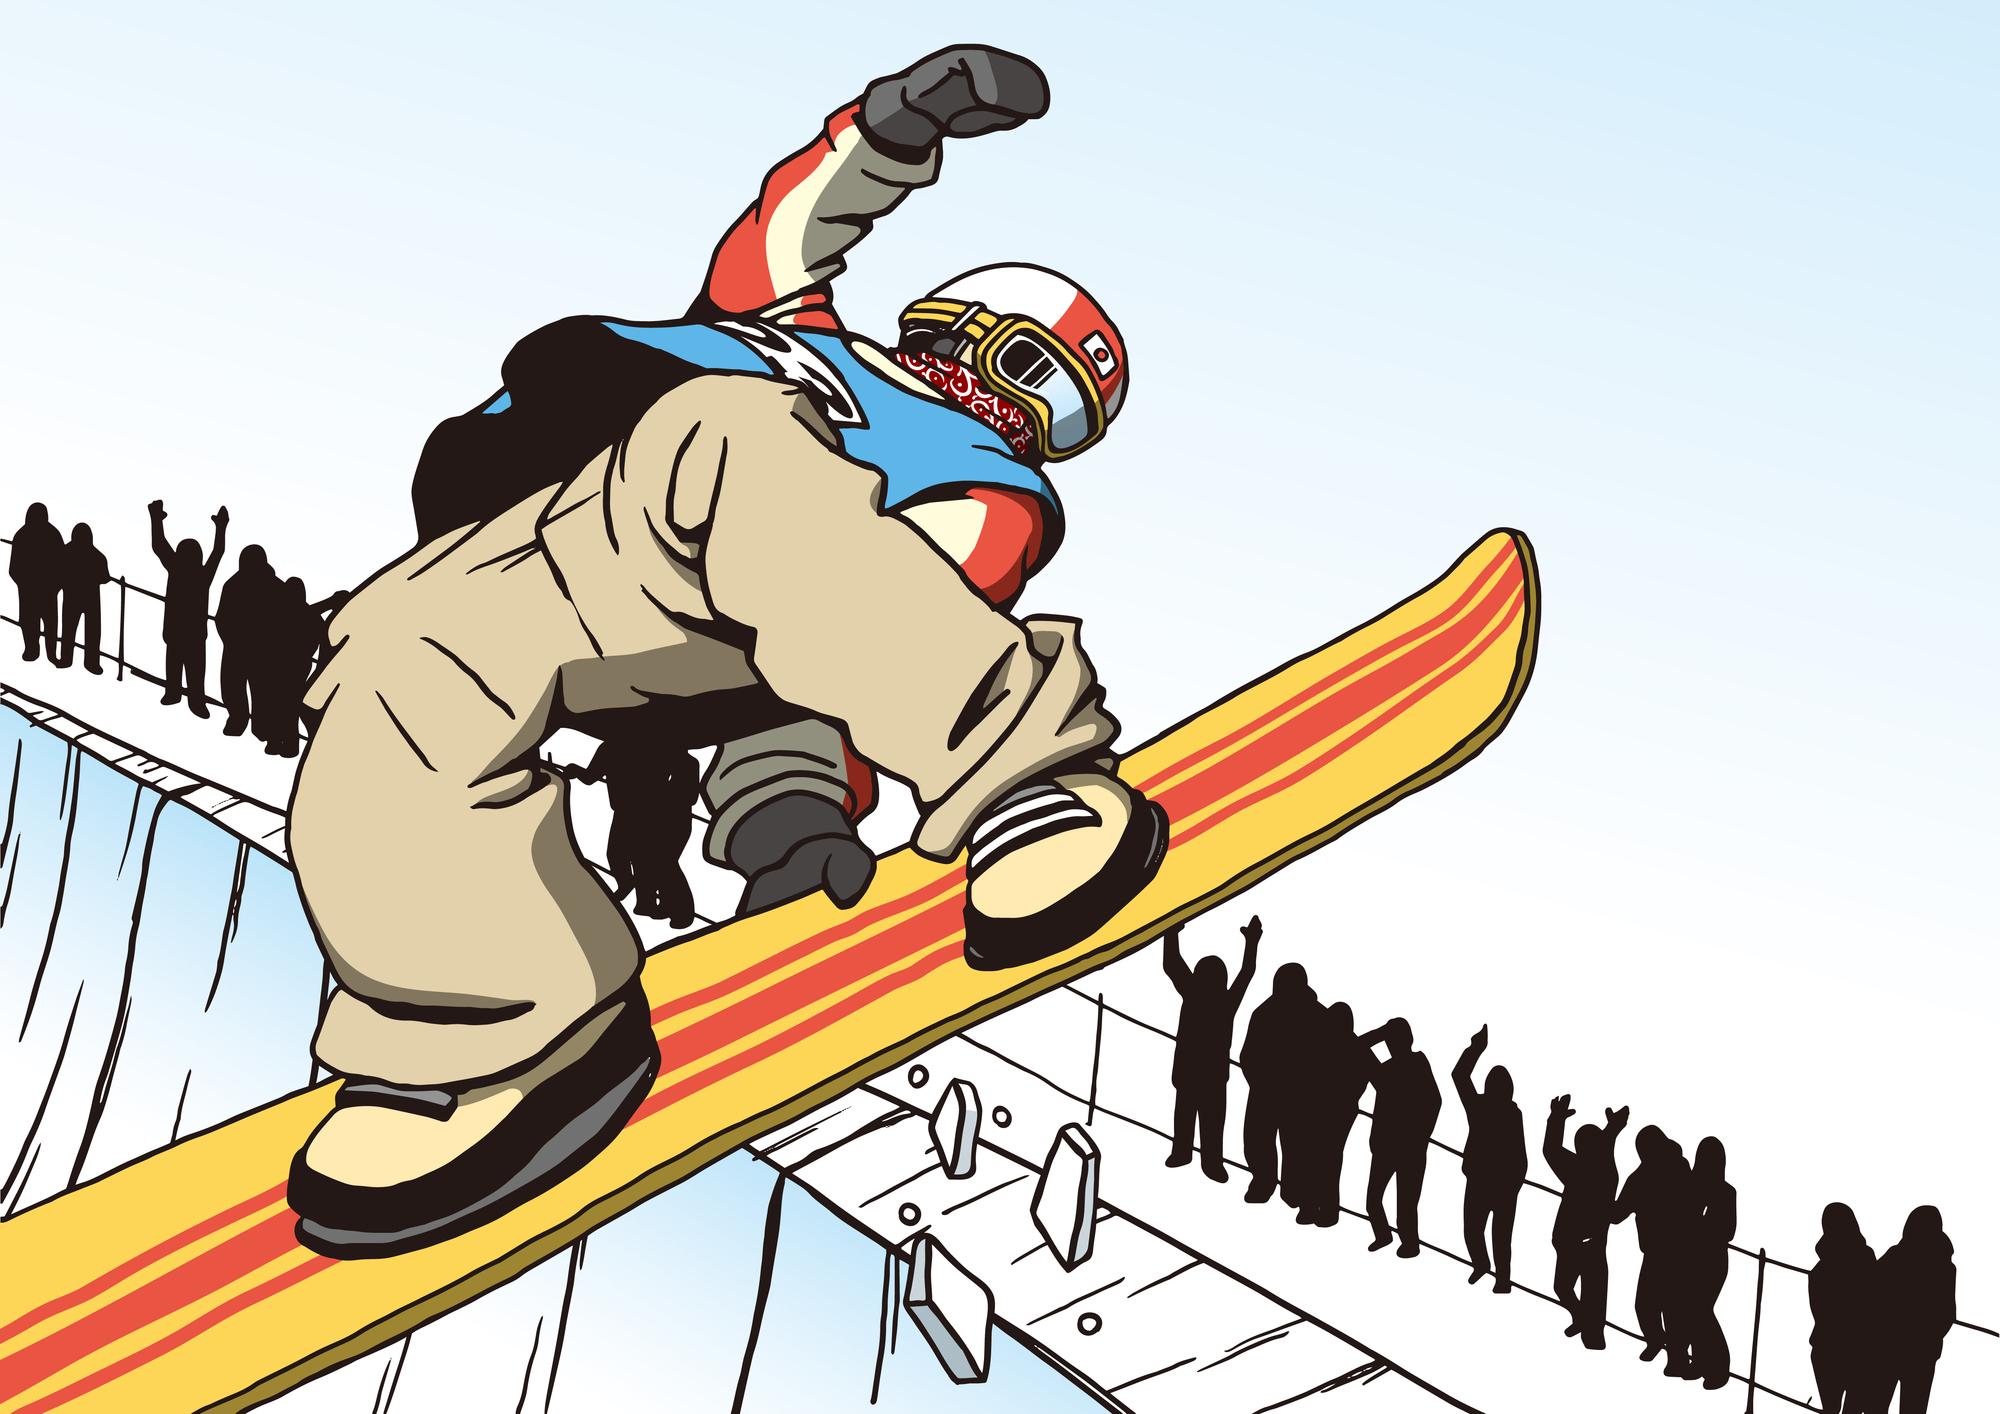 ここが知りたいスキー場バイト-「評判」「選び方」「職種」など疑問を解決